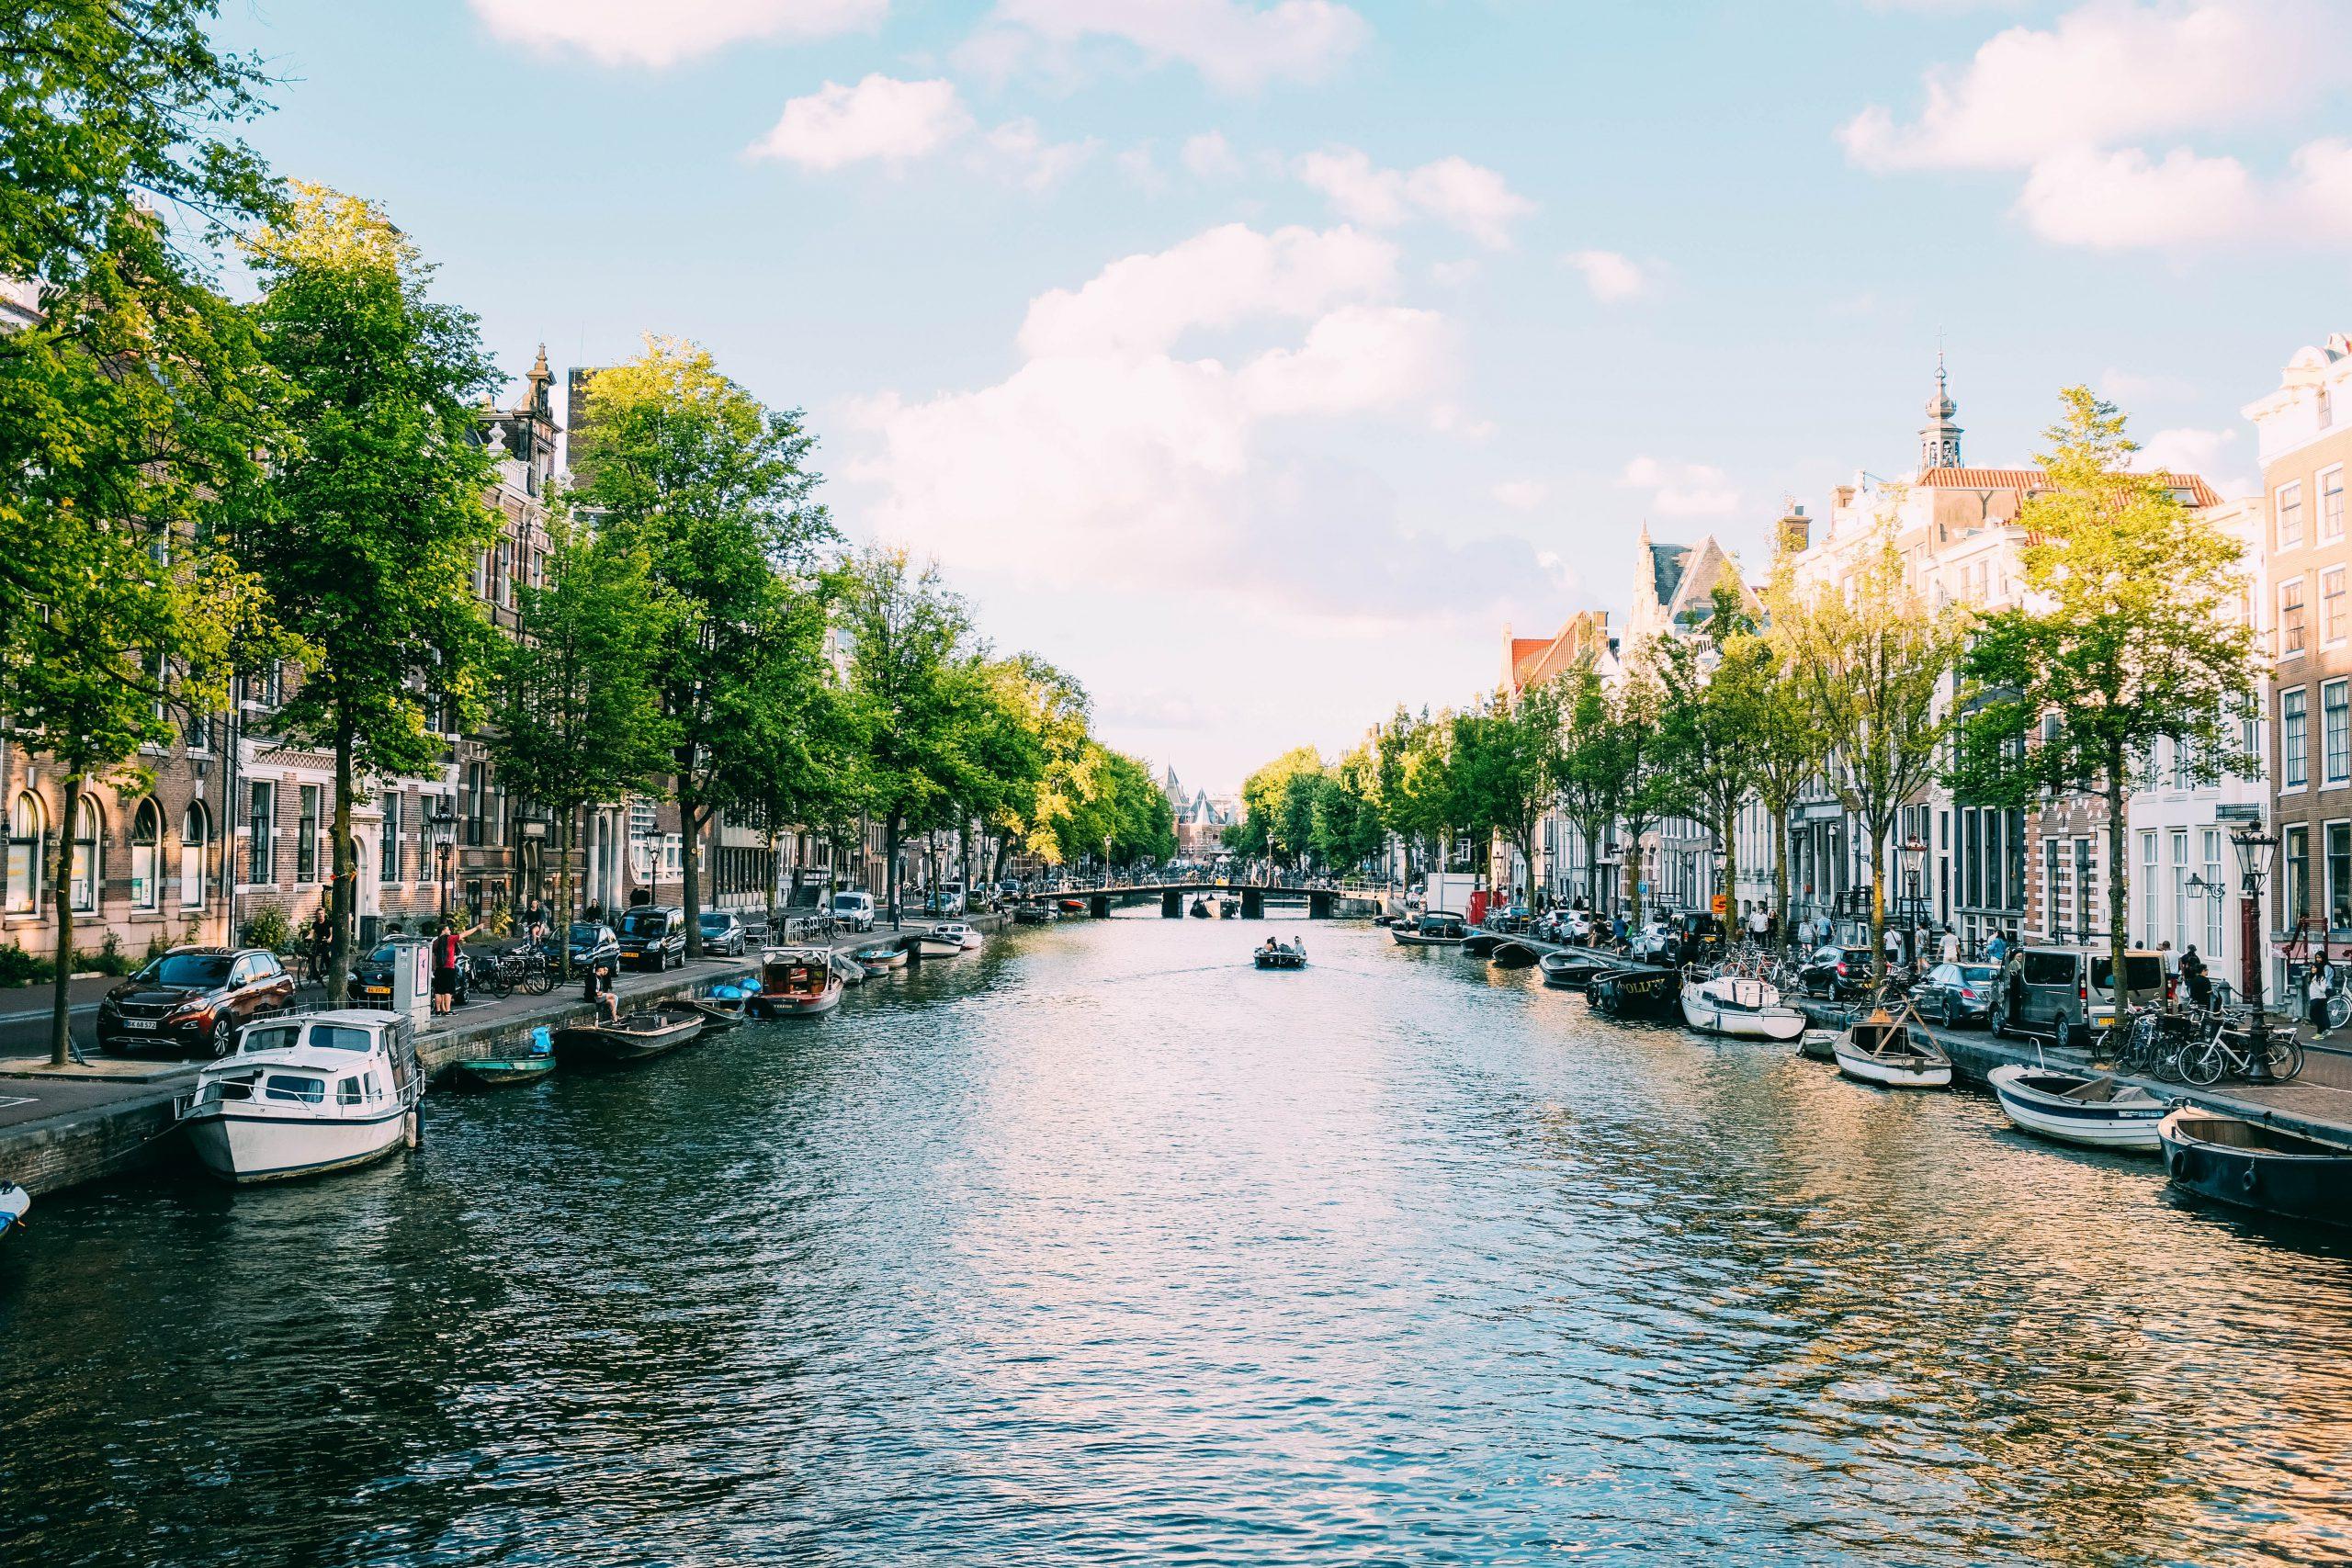 Photo des canaux d'Amsterdam